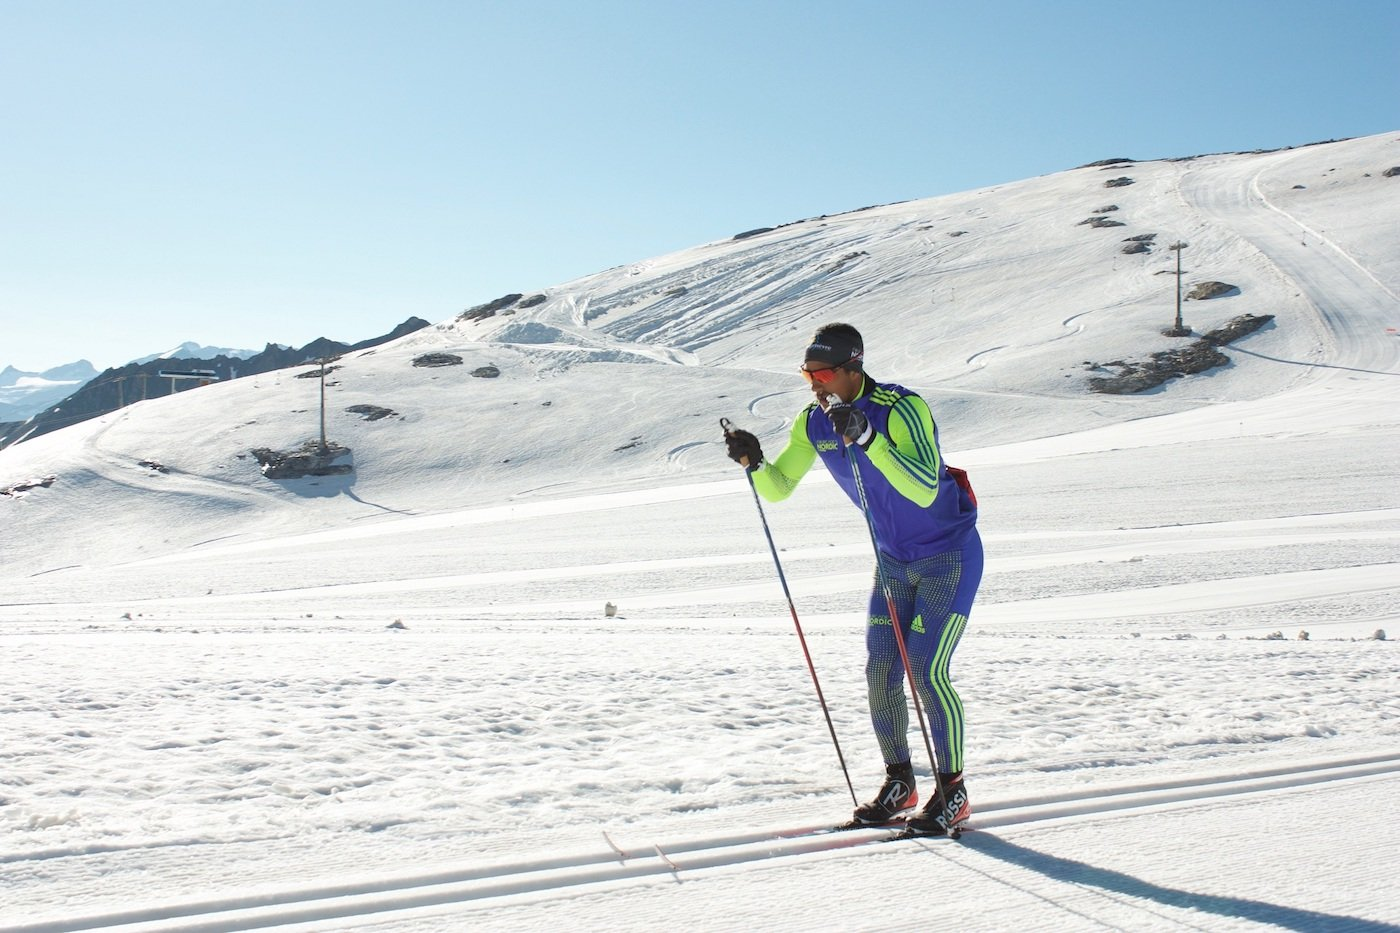 El paso simultáneo esquí de fondo